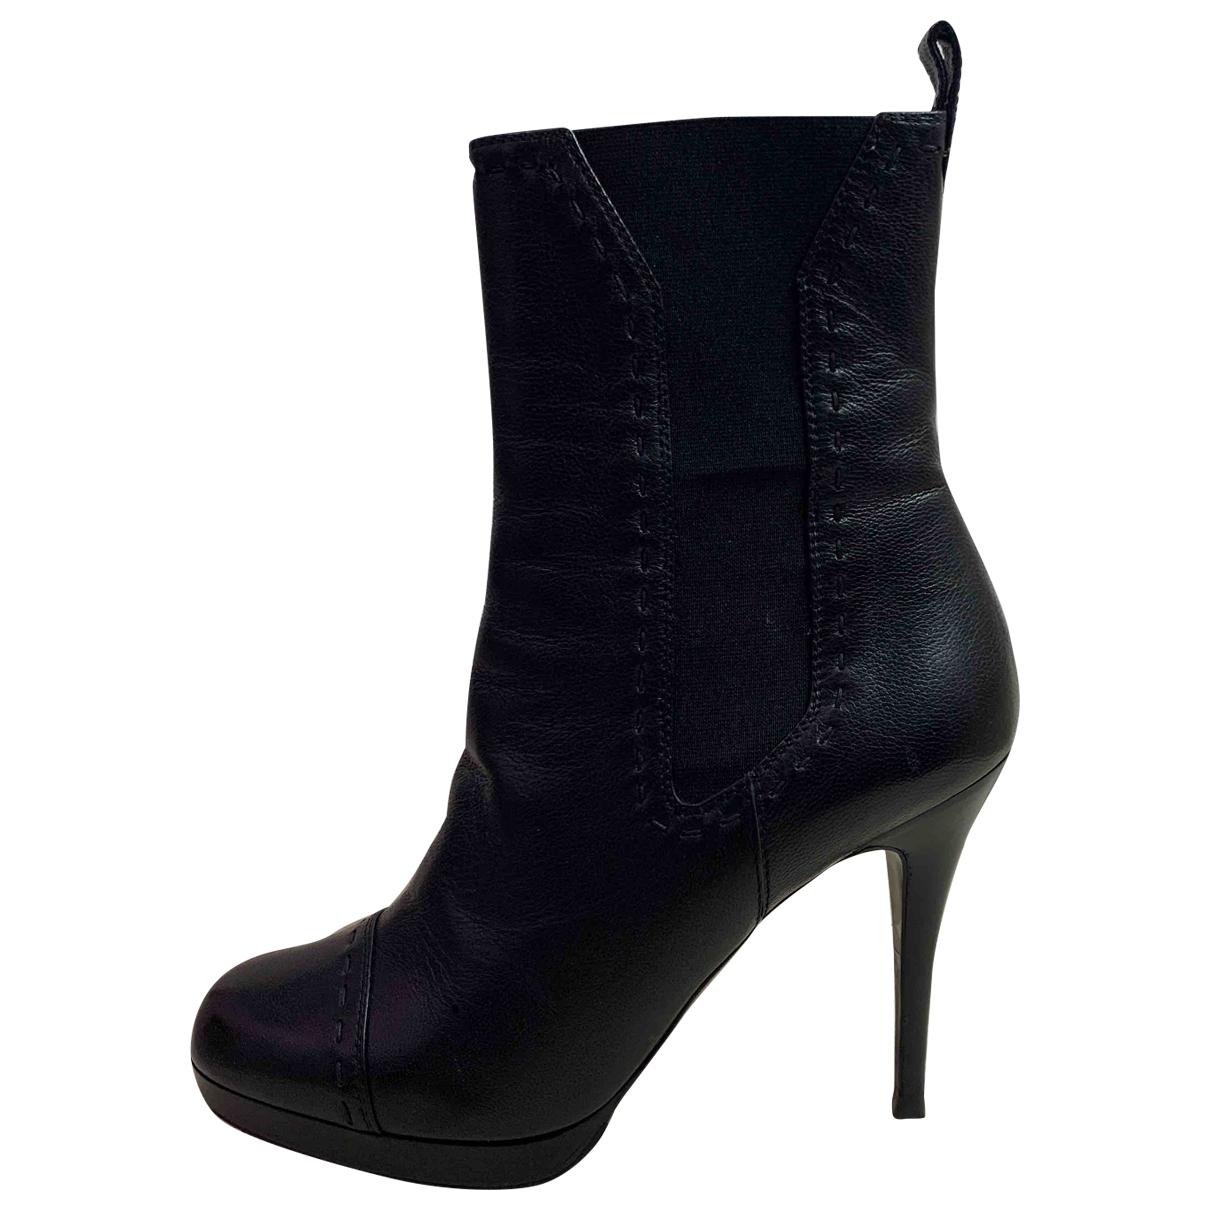 Yves Saint Laurent - Boots   pour femme en cuir - noir